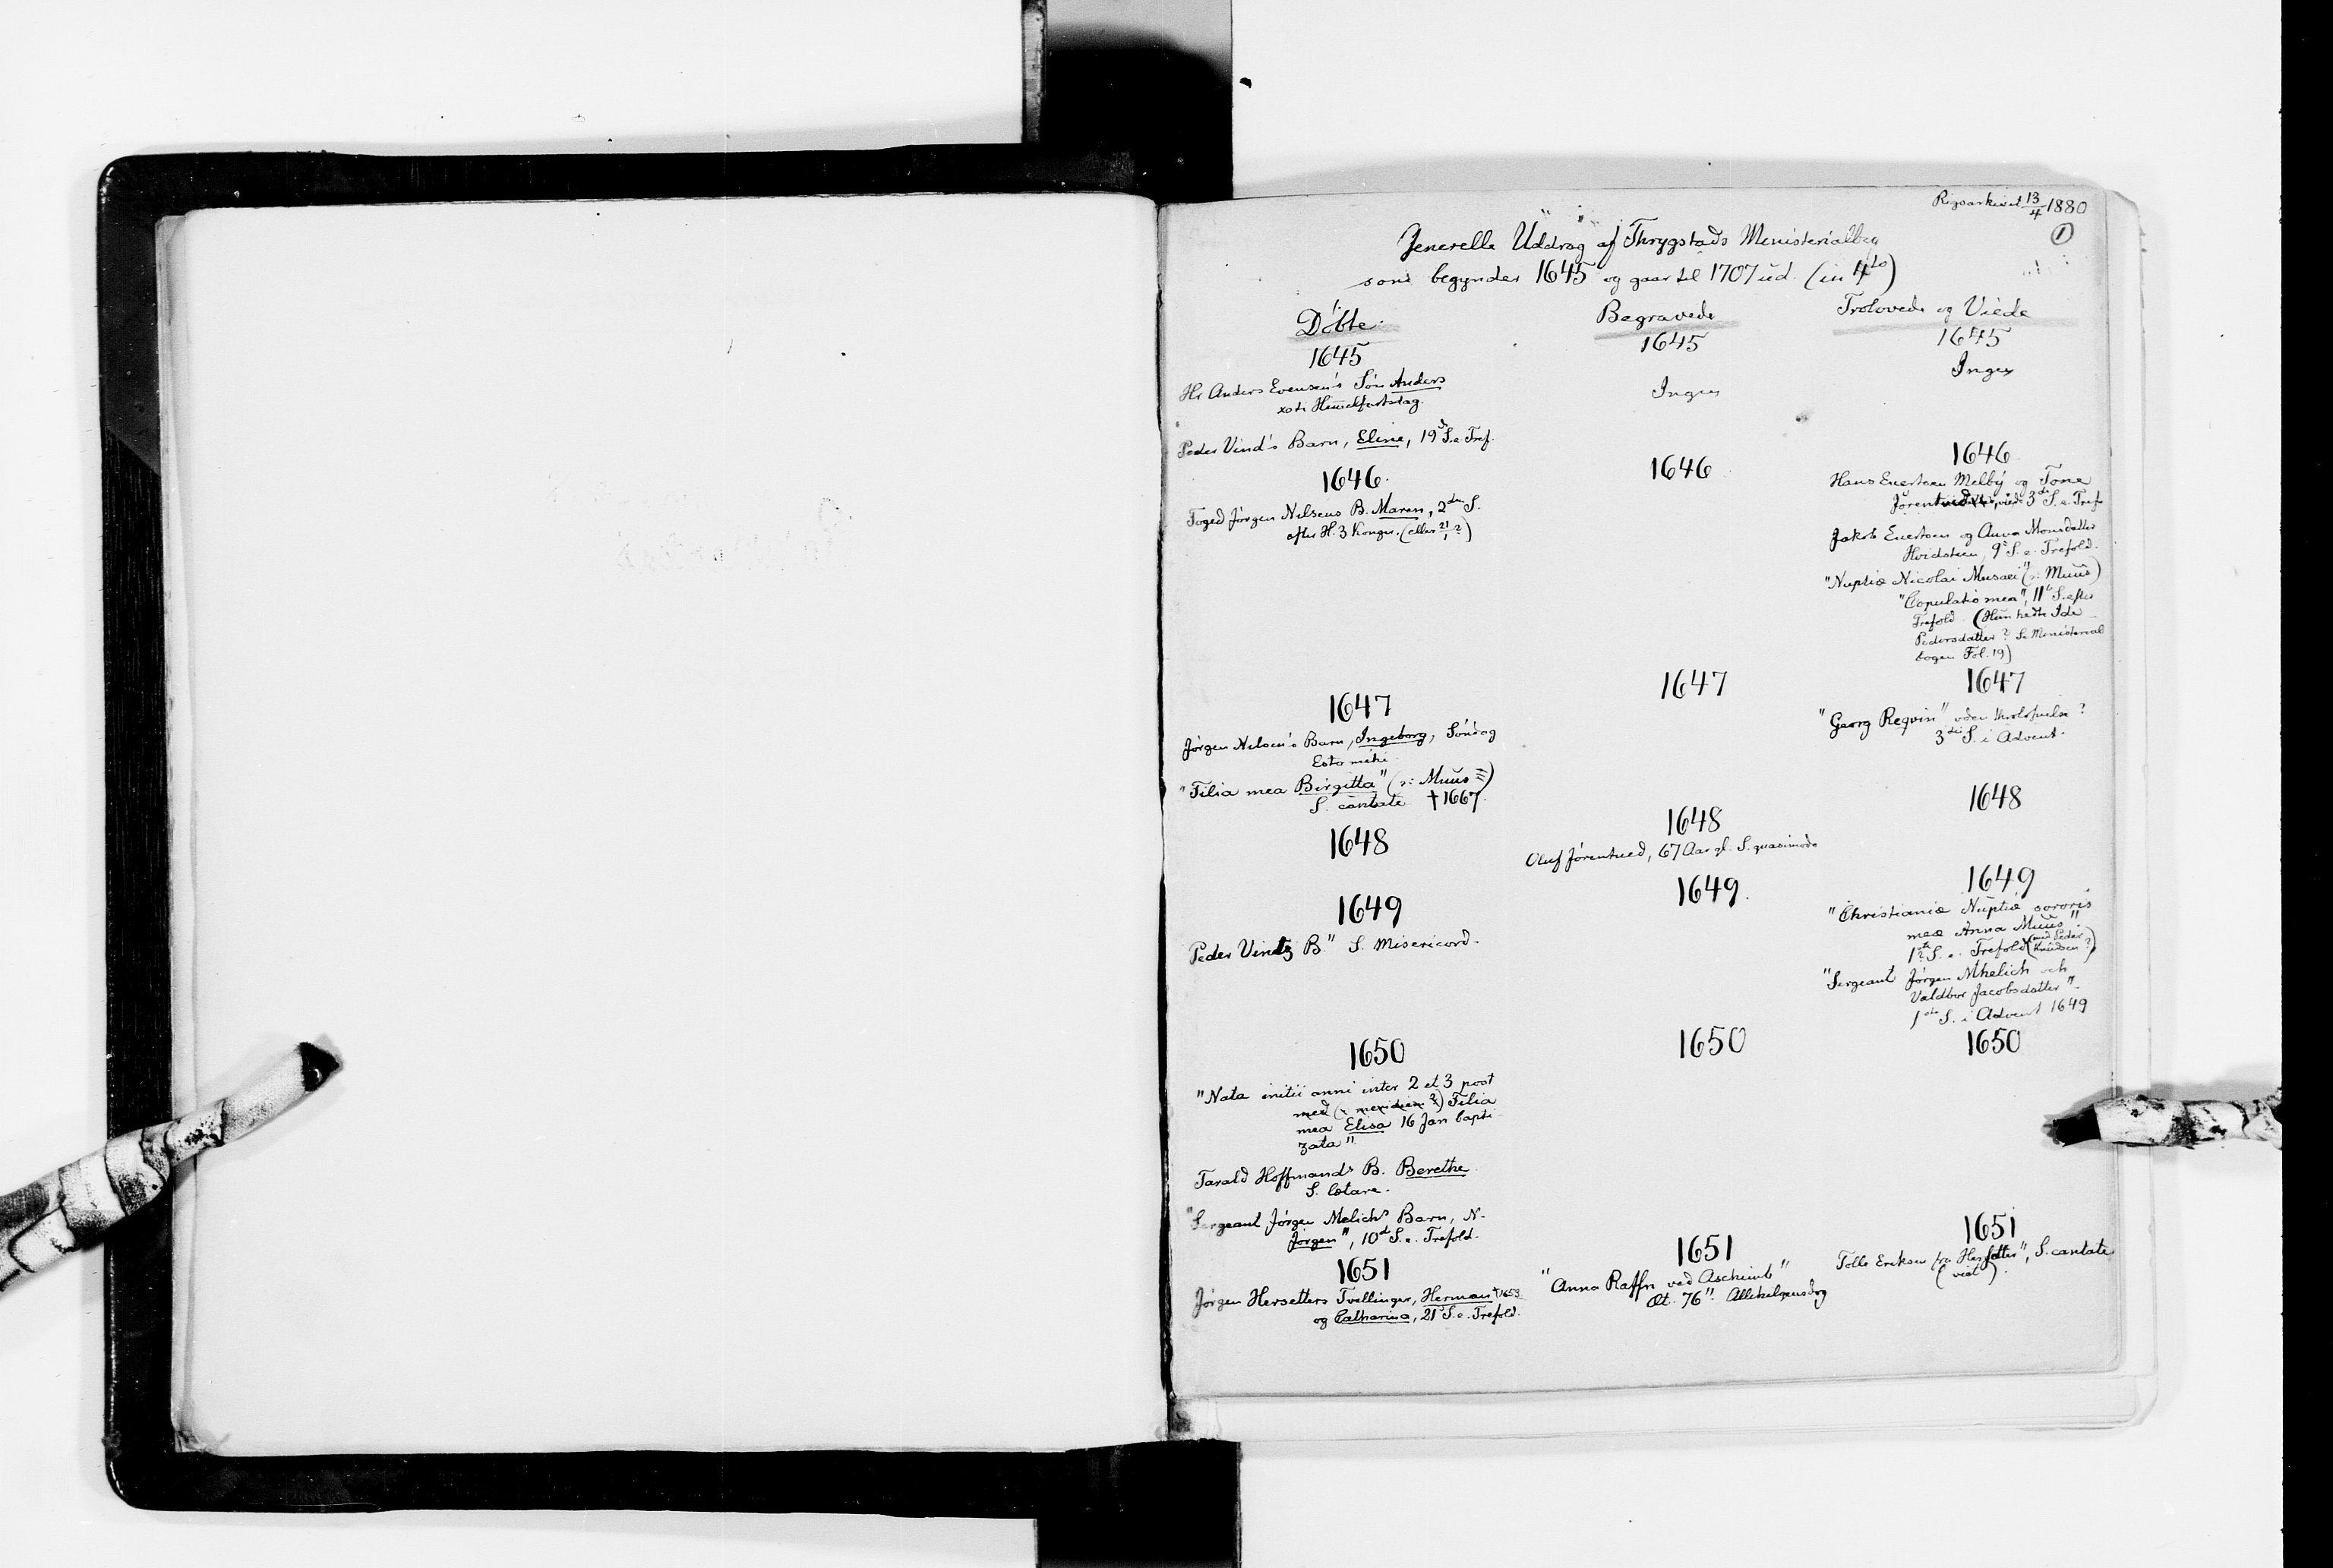 RA, Lassens samlinger, F/Fc, s. 1